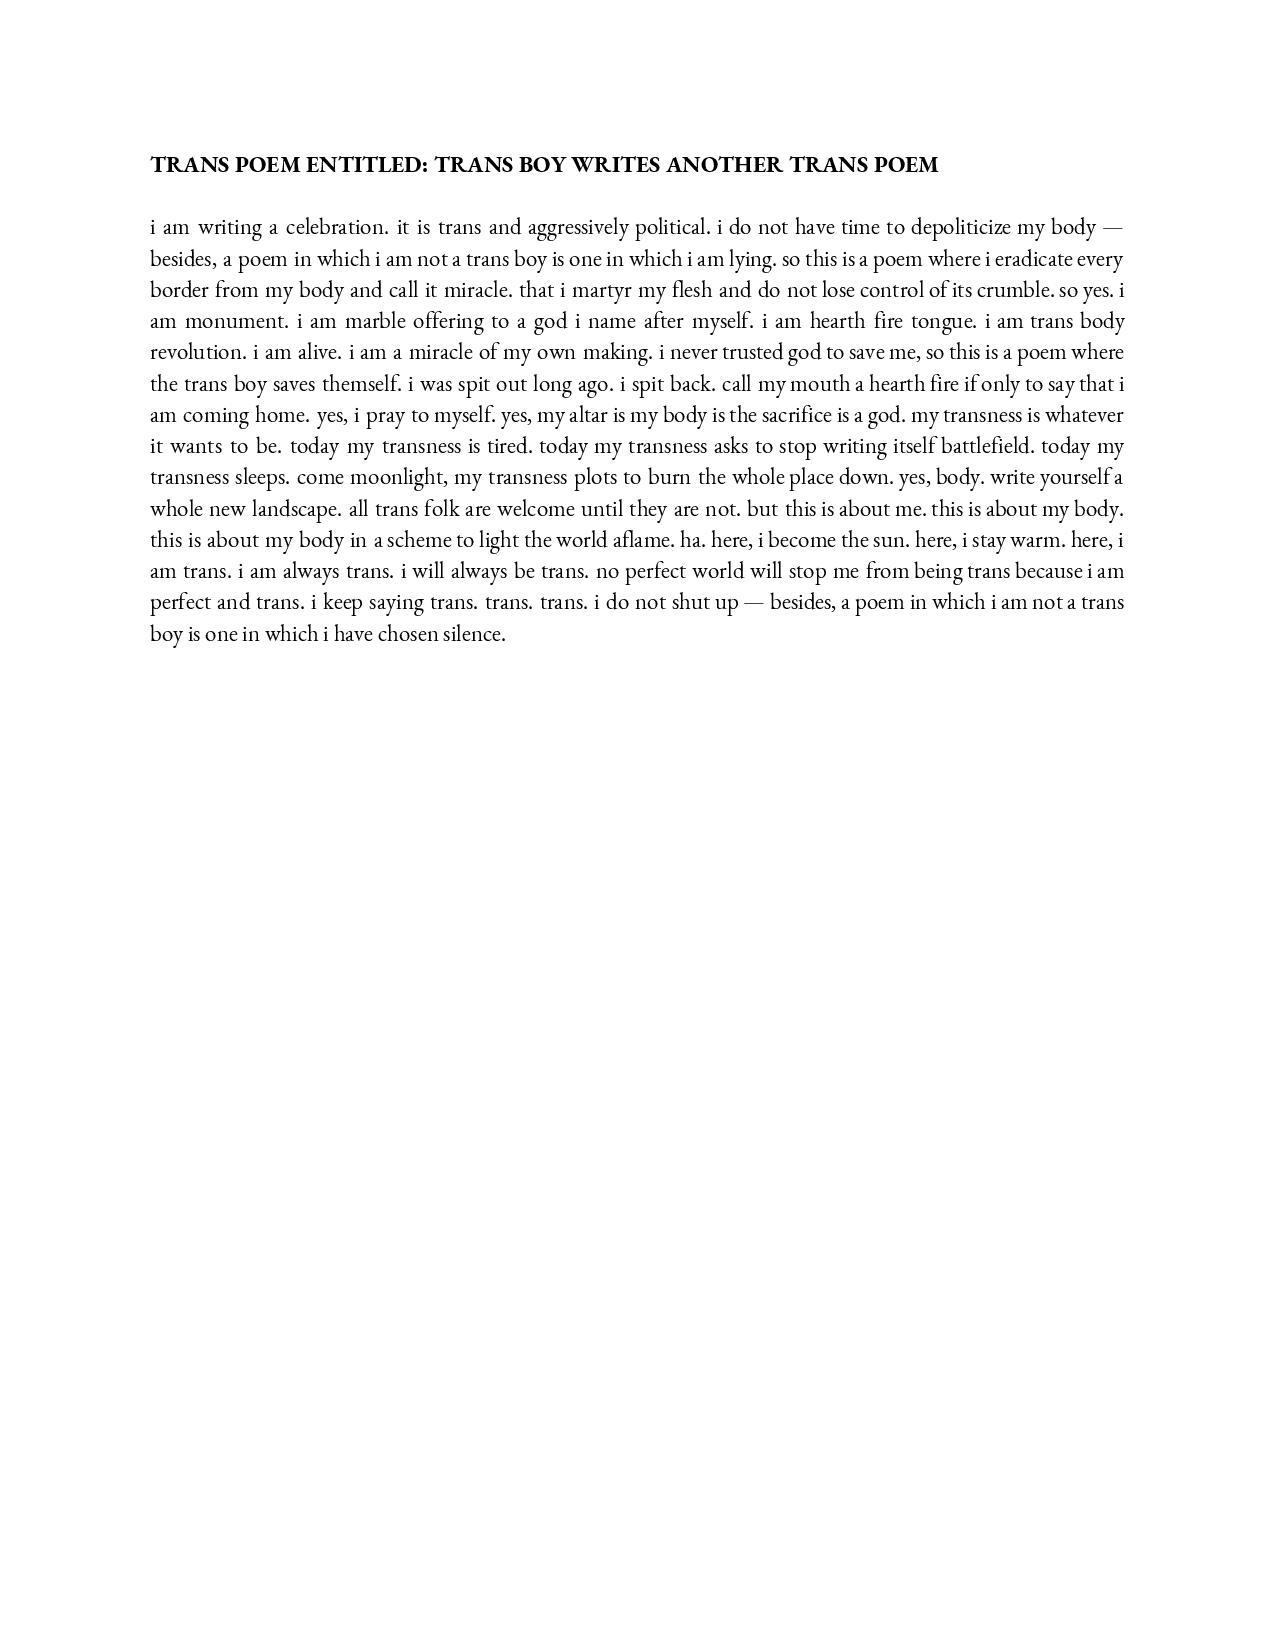 poems-page-005.jpg